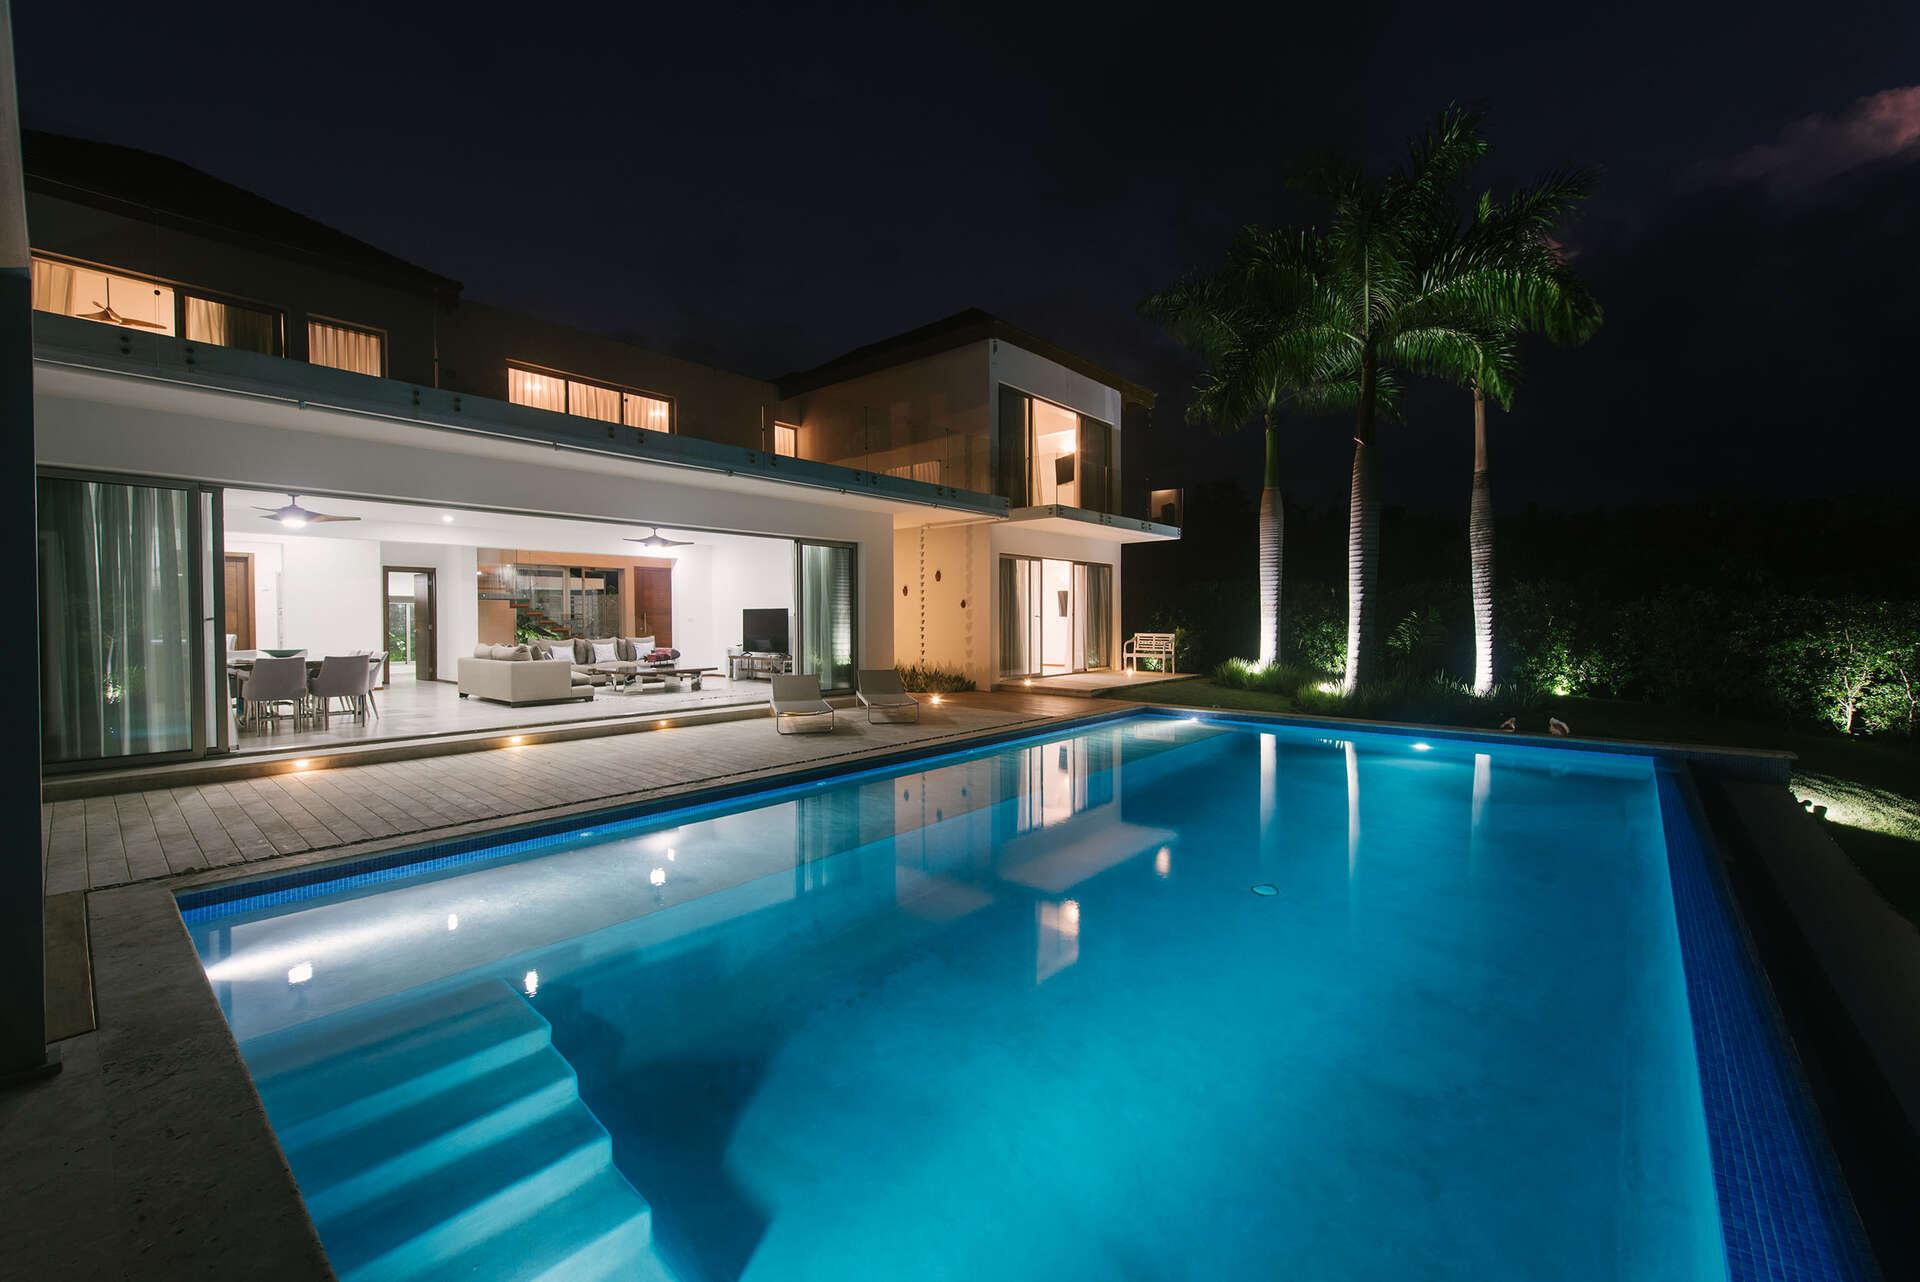 Luxury villa rentals caribbean - Dominican republic - Punta cana - Cap cana - Bella Luna - Image 1/33